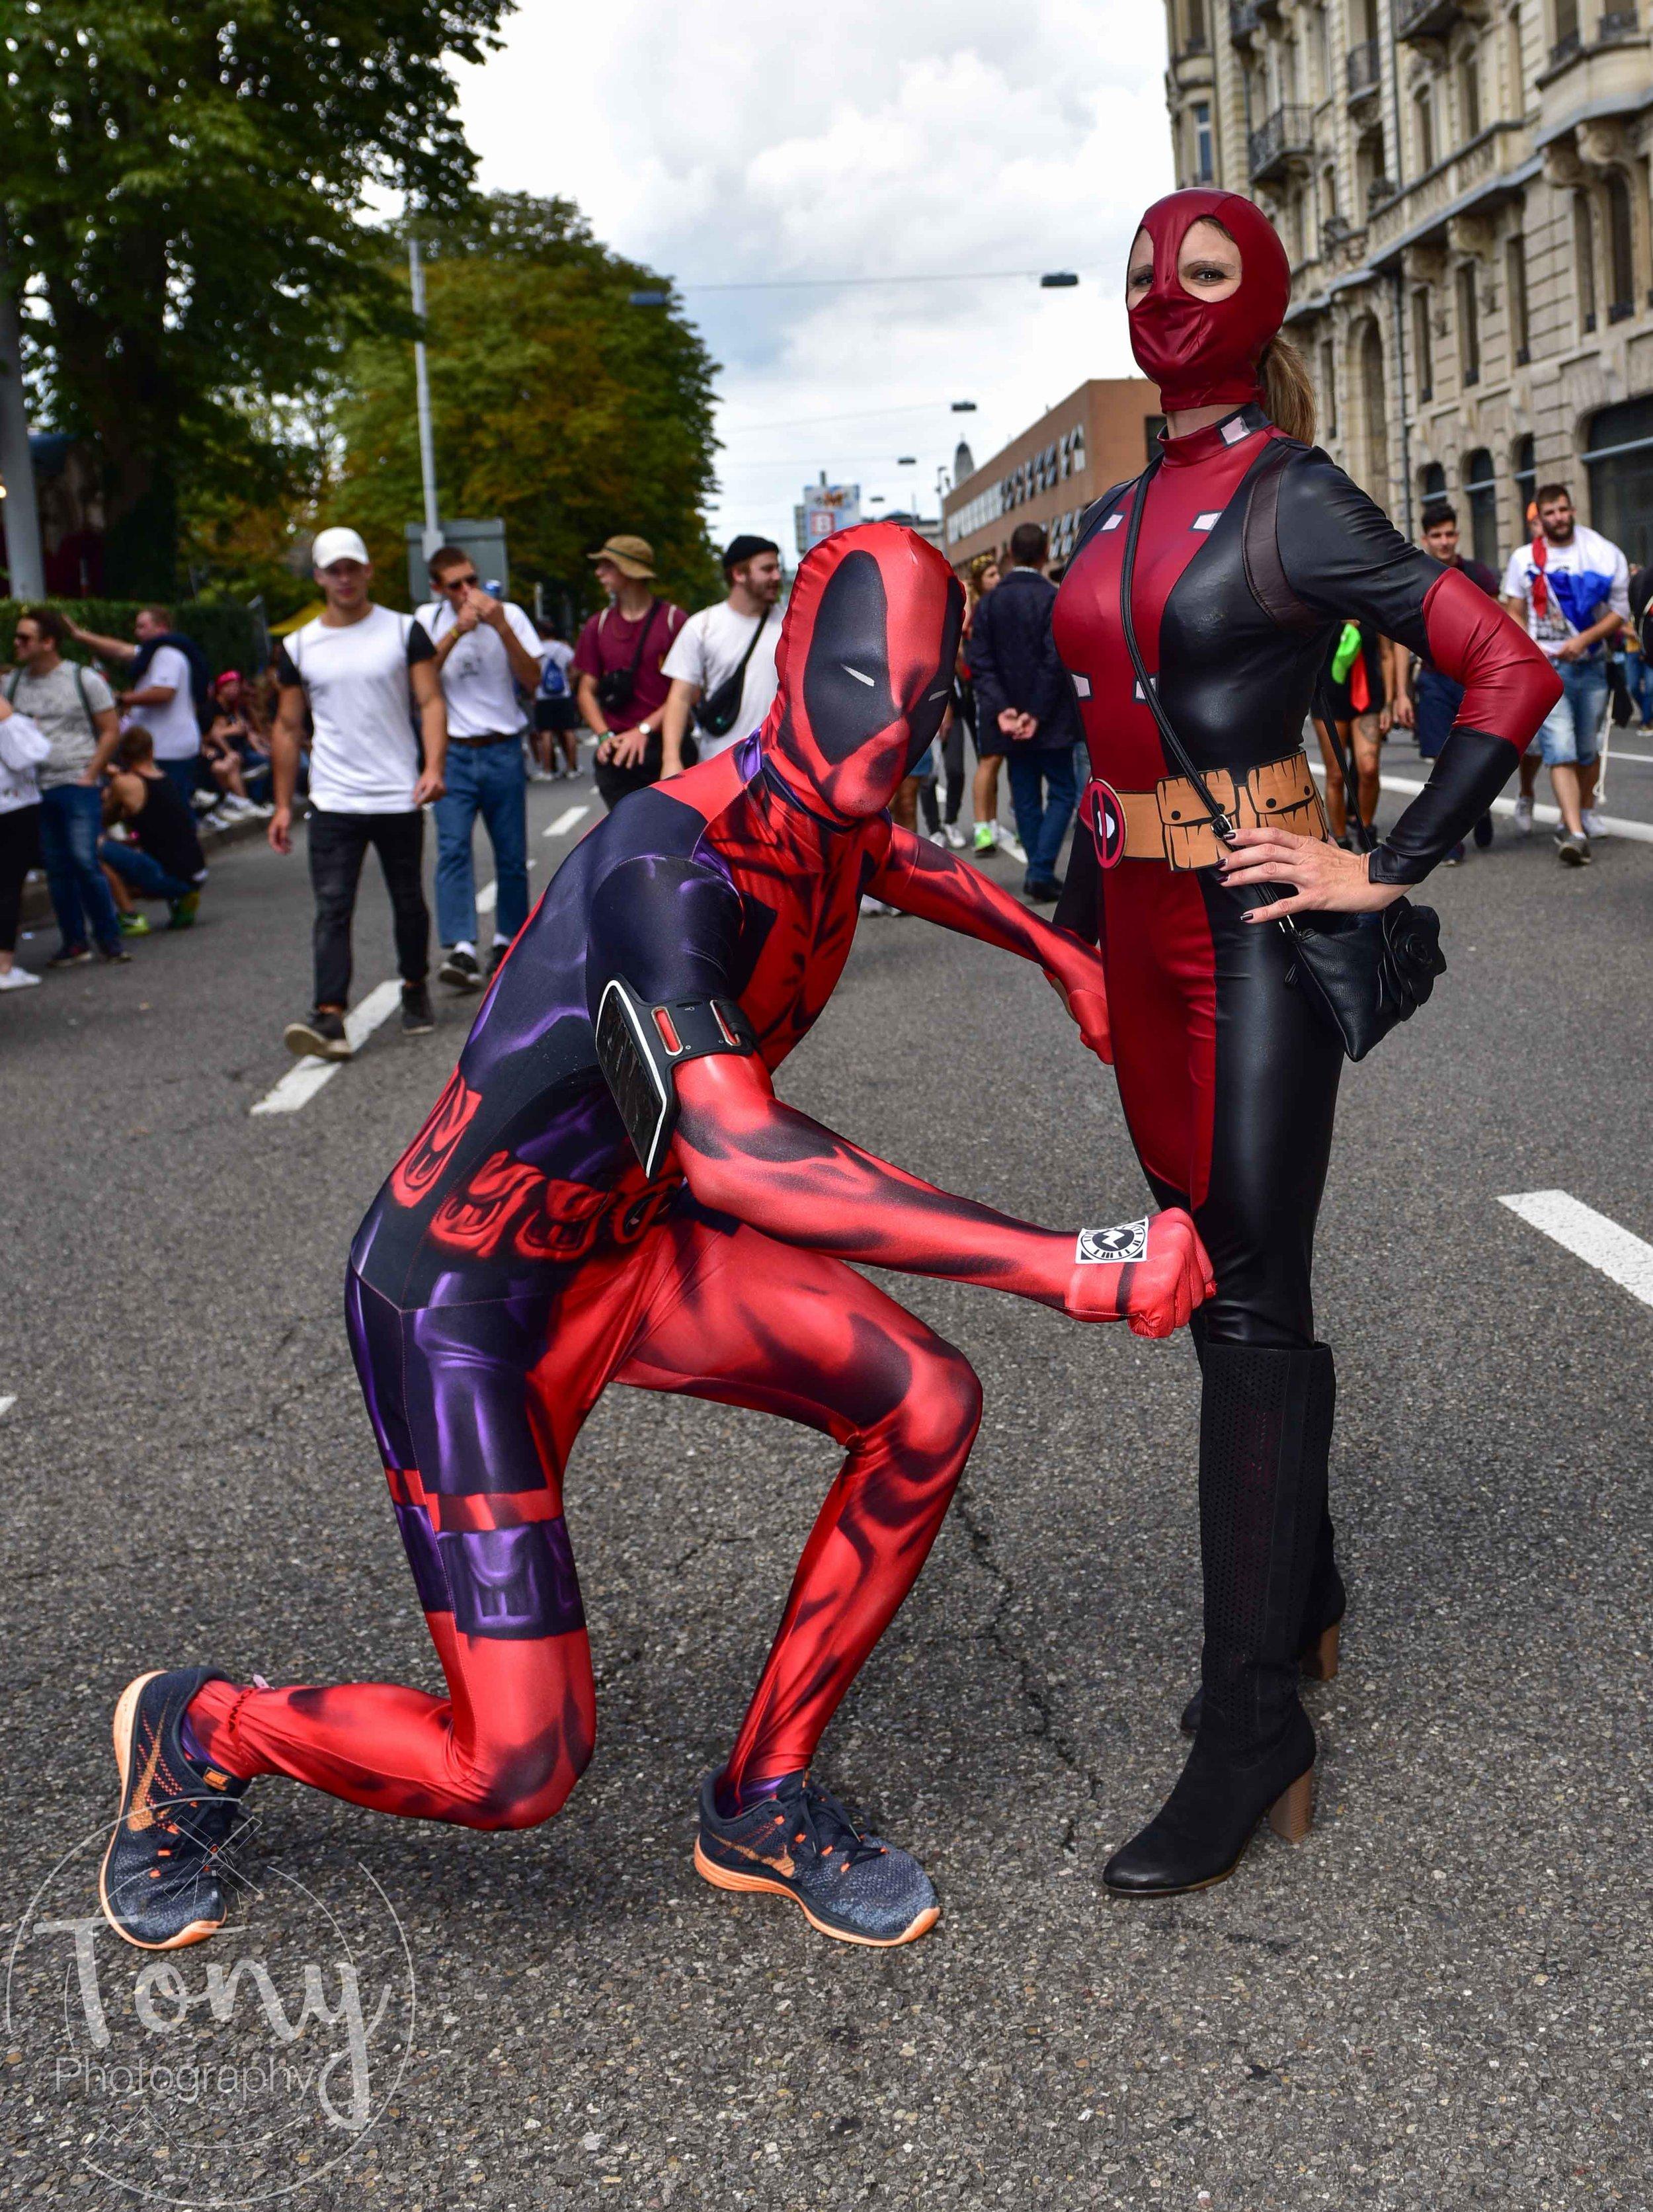 streetparade-27.jpg